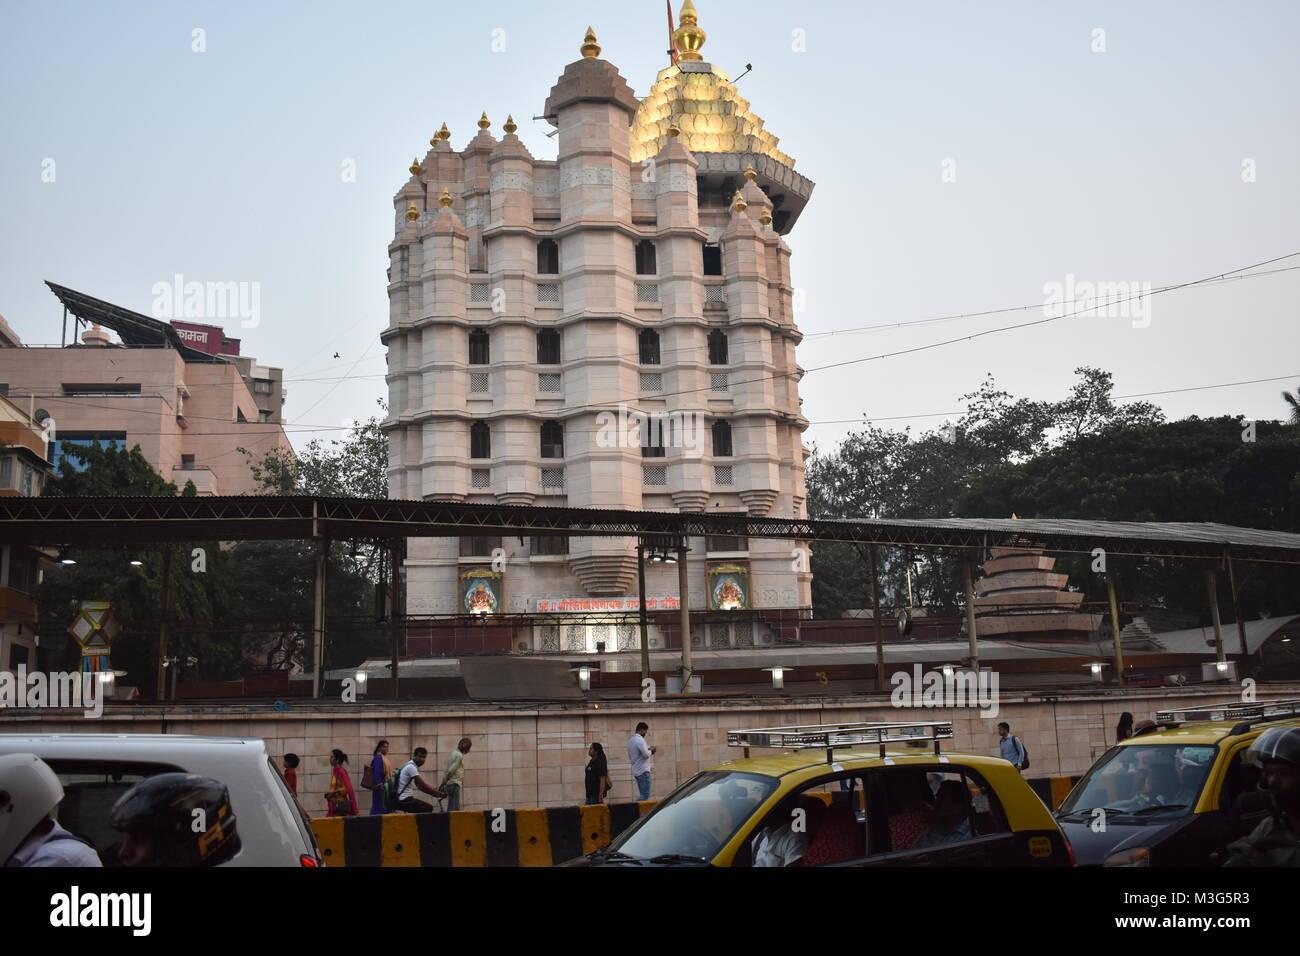 El Shree Siddhivinayak Ganapati Mandir es un templo hindú dedicado al Señor Shri Ganesh. Se encuentra ubicado en Prabhadevi, Mumbai, Maharashtra. Foto de stock